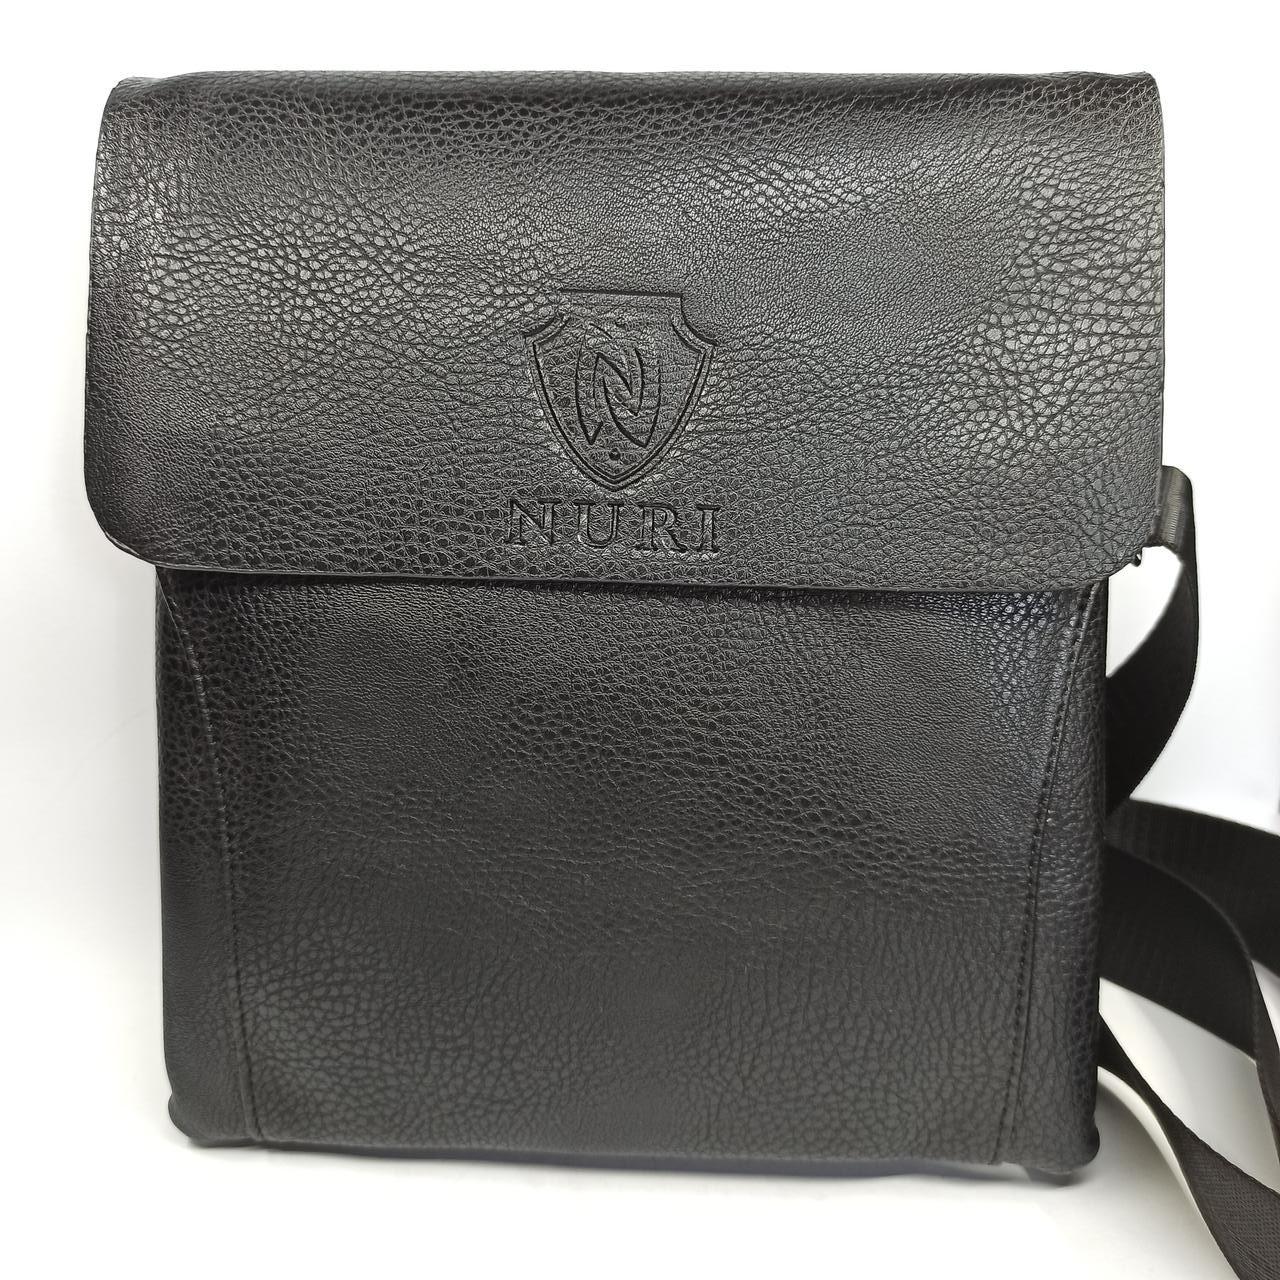 Шкіряна чоловіча сумка через плече / Мужская кожаная сумка через плечо PUB001